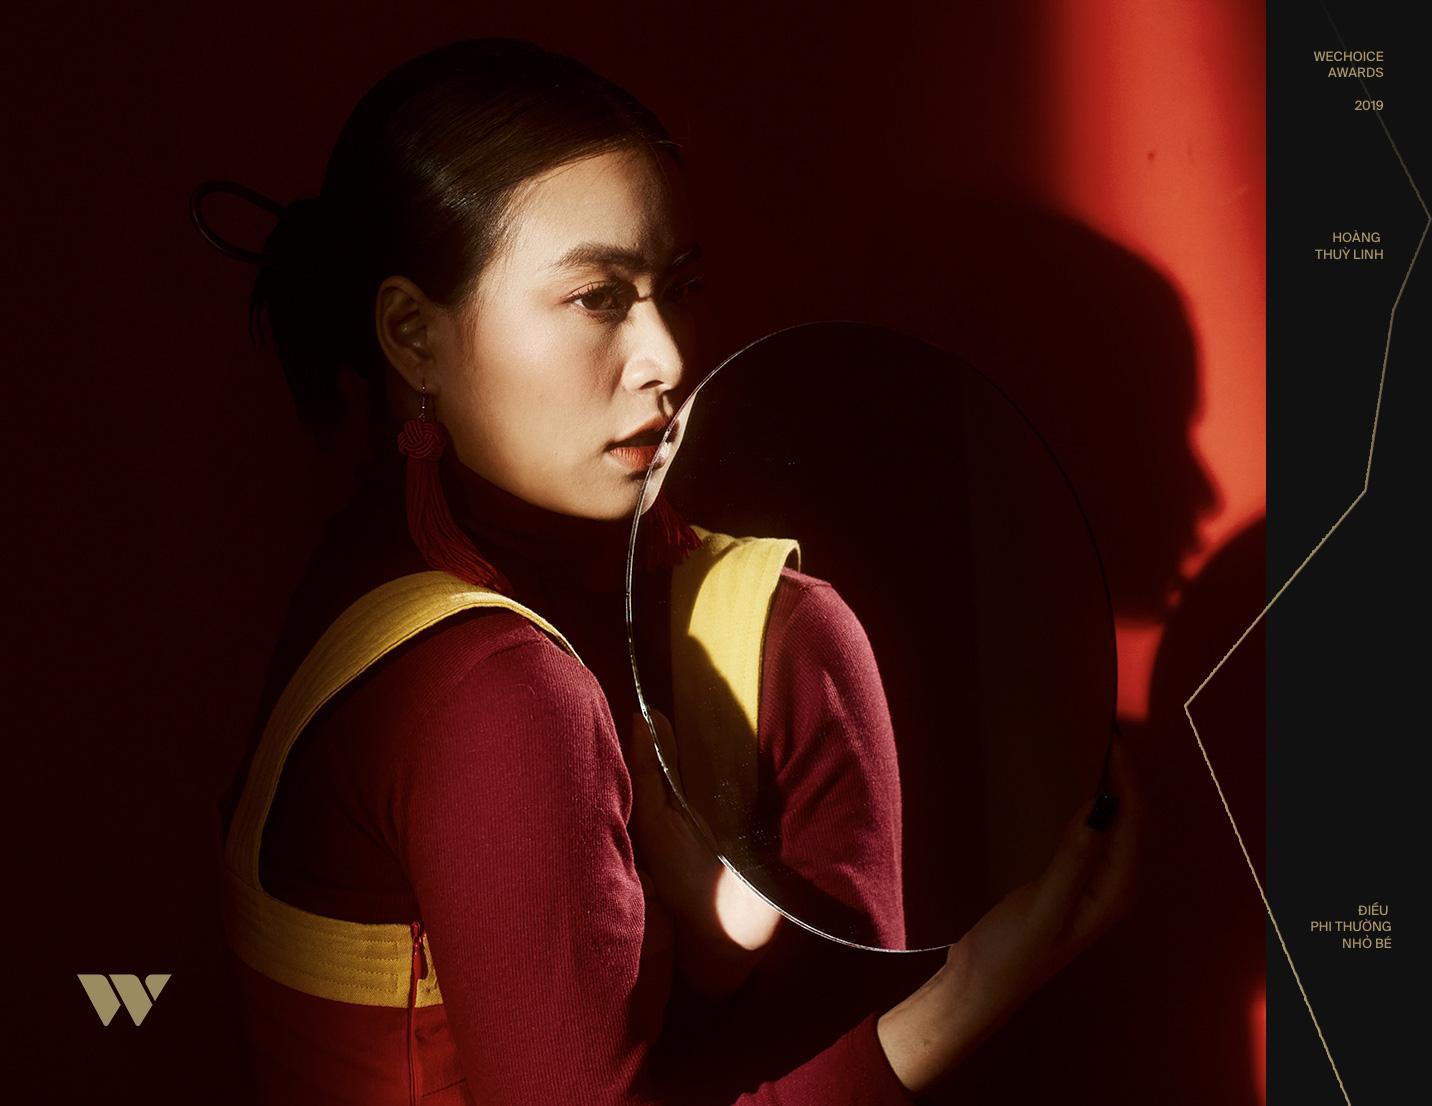 Hoàng Thùy Linh: Ở tuổi 30 chỉ muốn sống lại đúng tuổi 20, vì những năm tháng ấy tôi chưa từng được sống  - Ảnh 10.